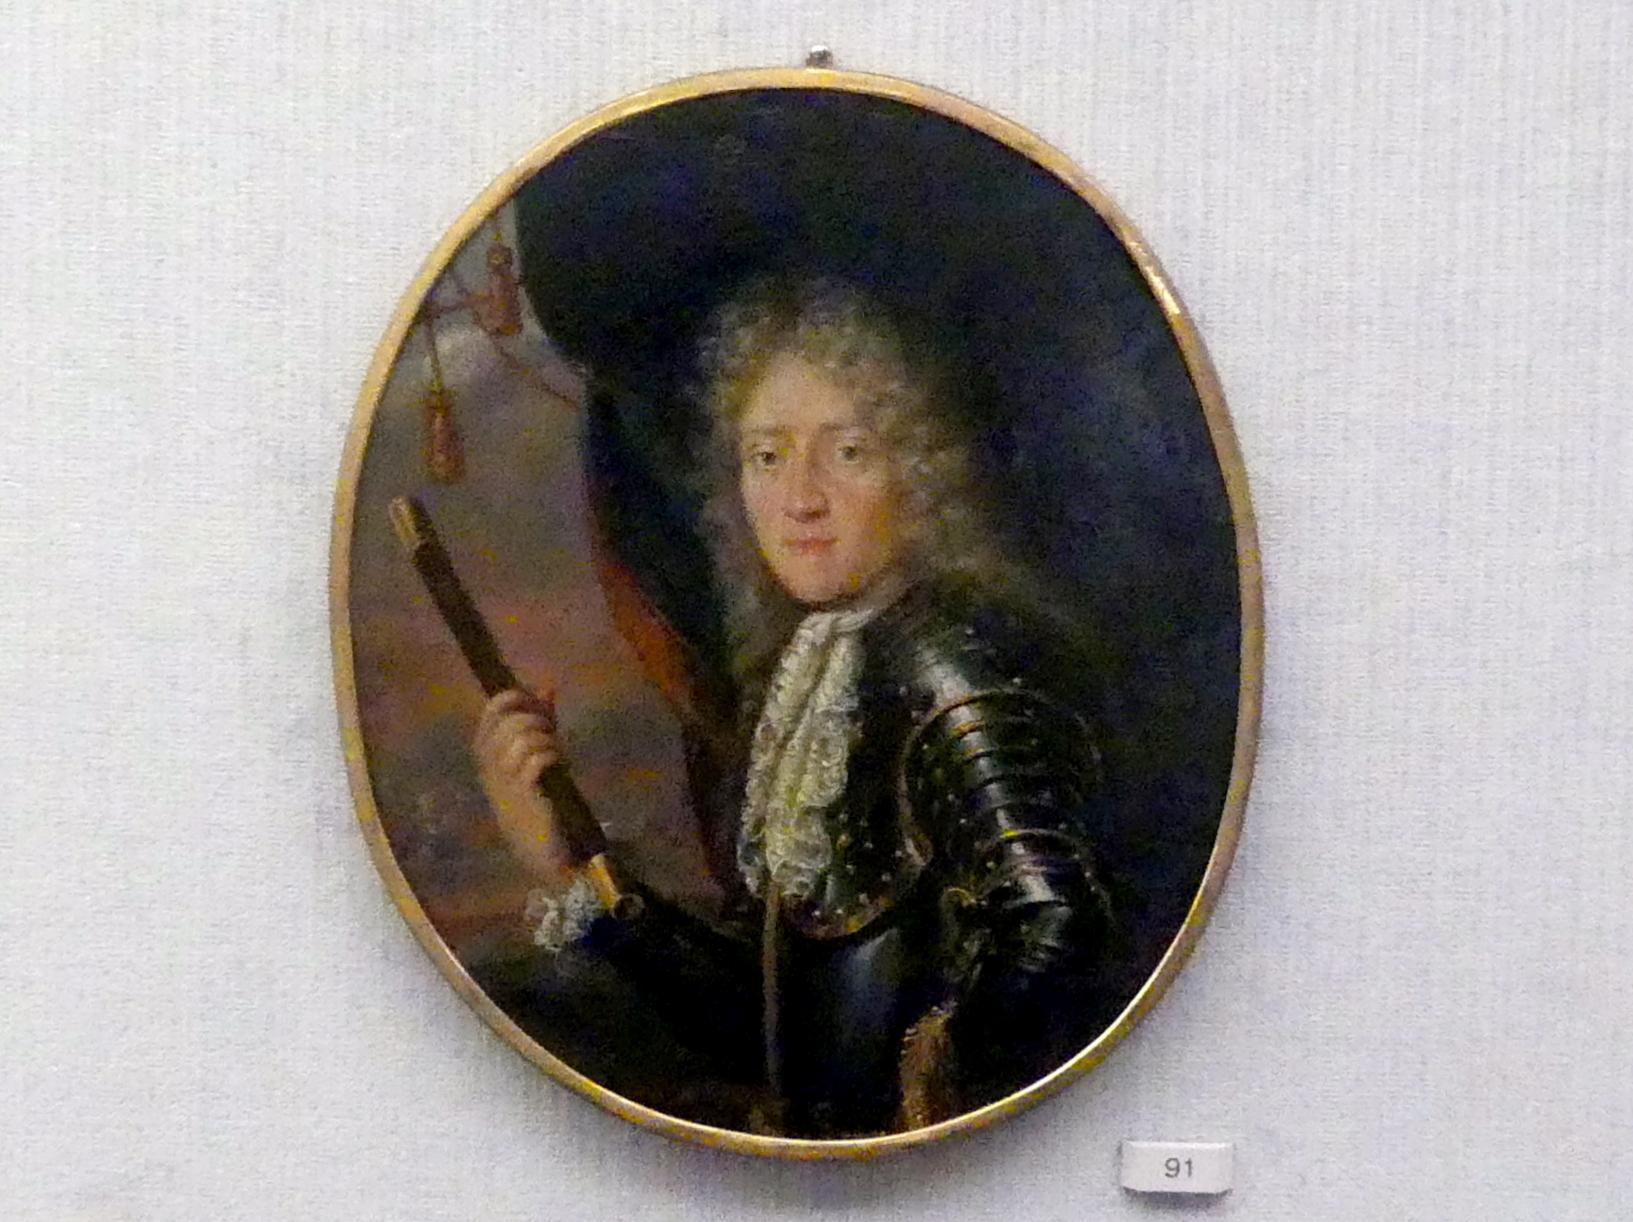 Adrian Heinrich Hirt: Herzog Friedrich Carl von Württemberg (1652-1698), 1695